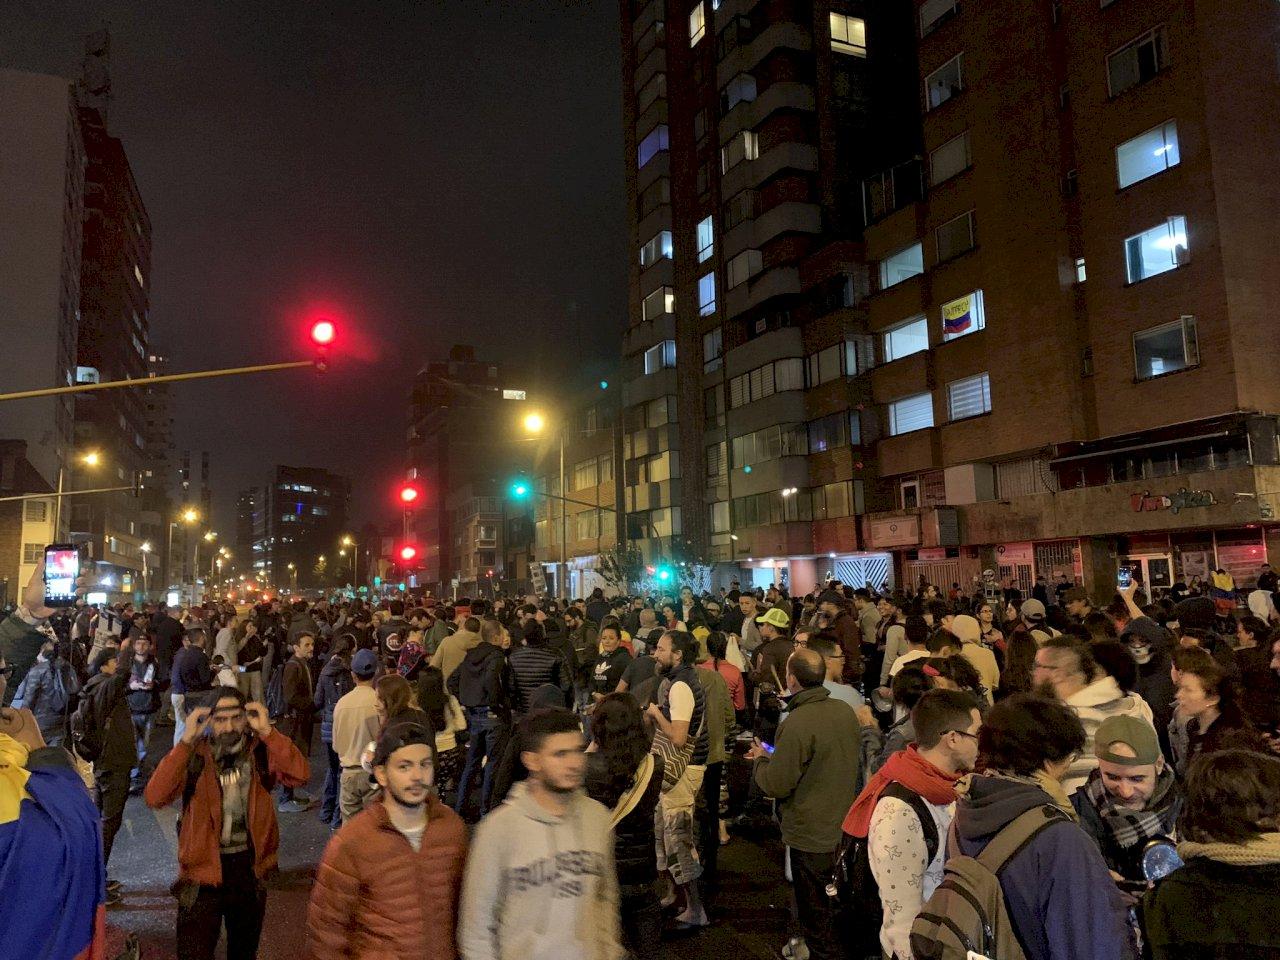 南美洲掀抗議潮 哥倫比亞大罷工反對右翼政府